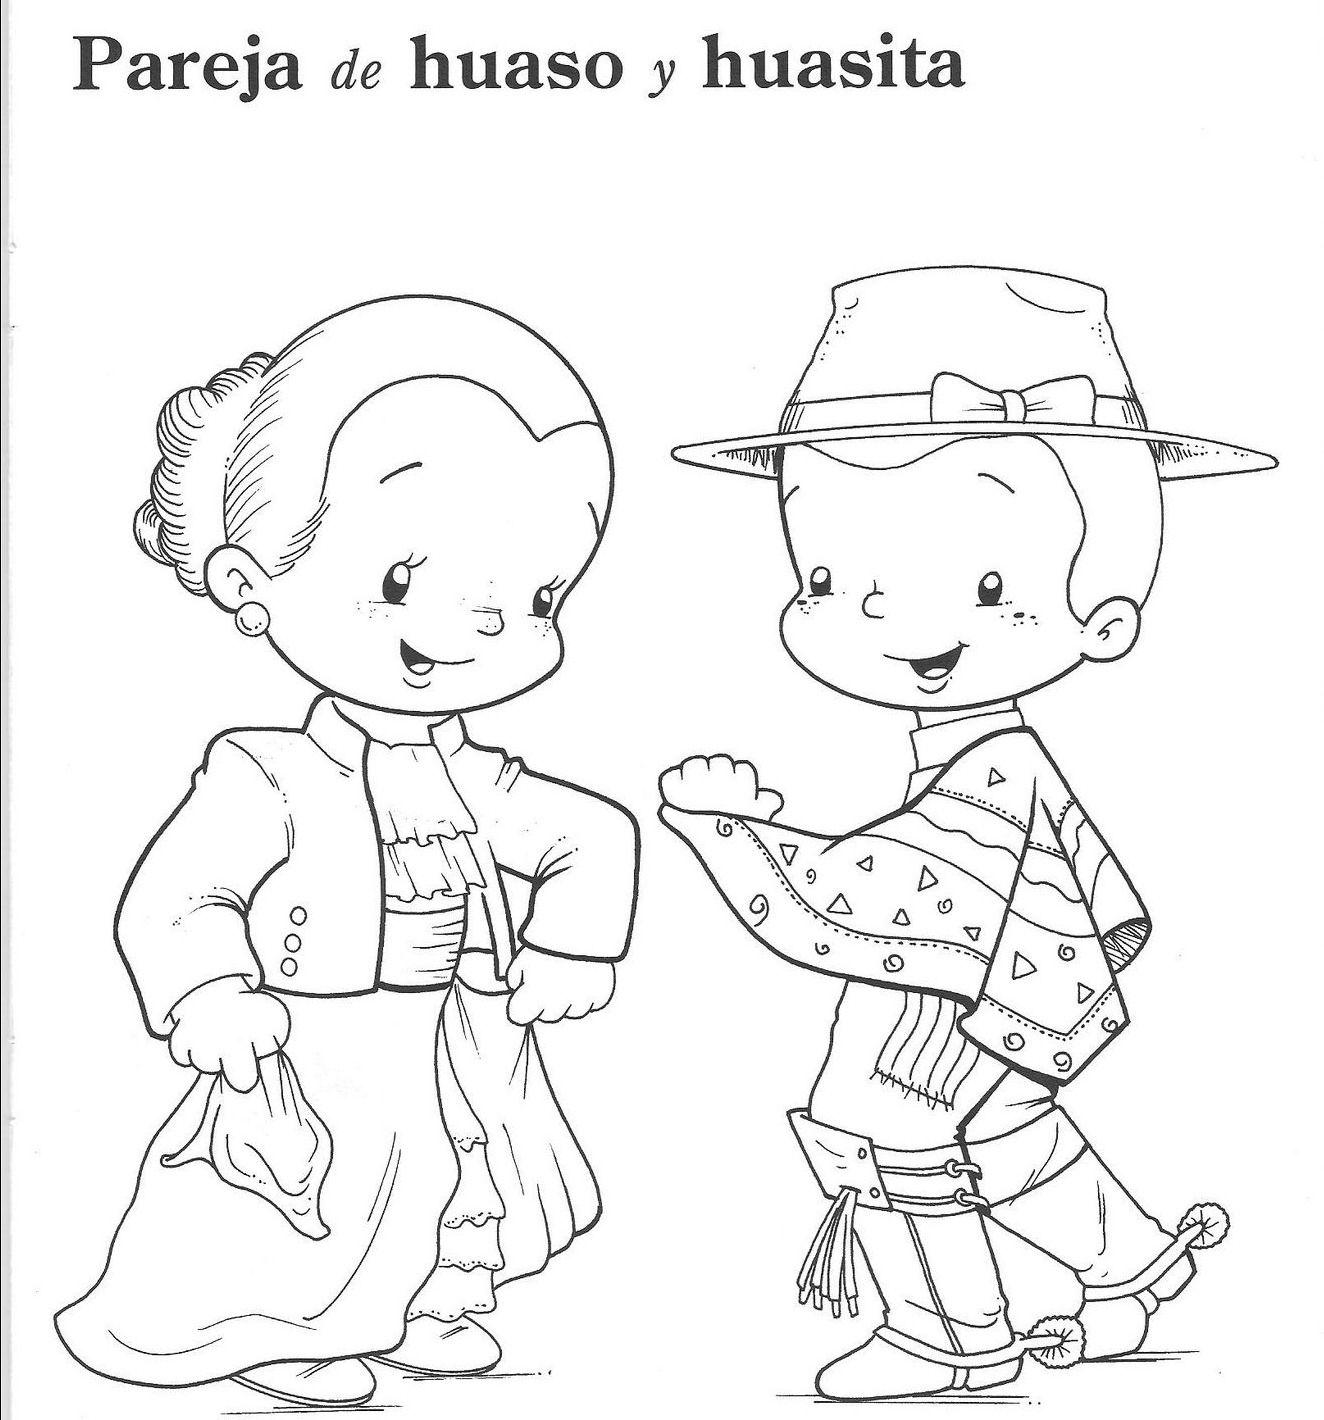 Huasos bailando pintaryjugar com 1 1324 1420 - Fotos de parejas en blanco y negro ...